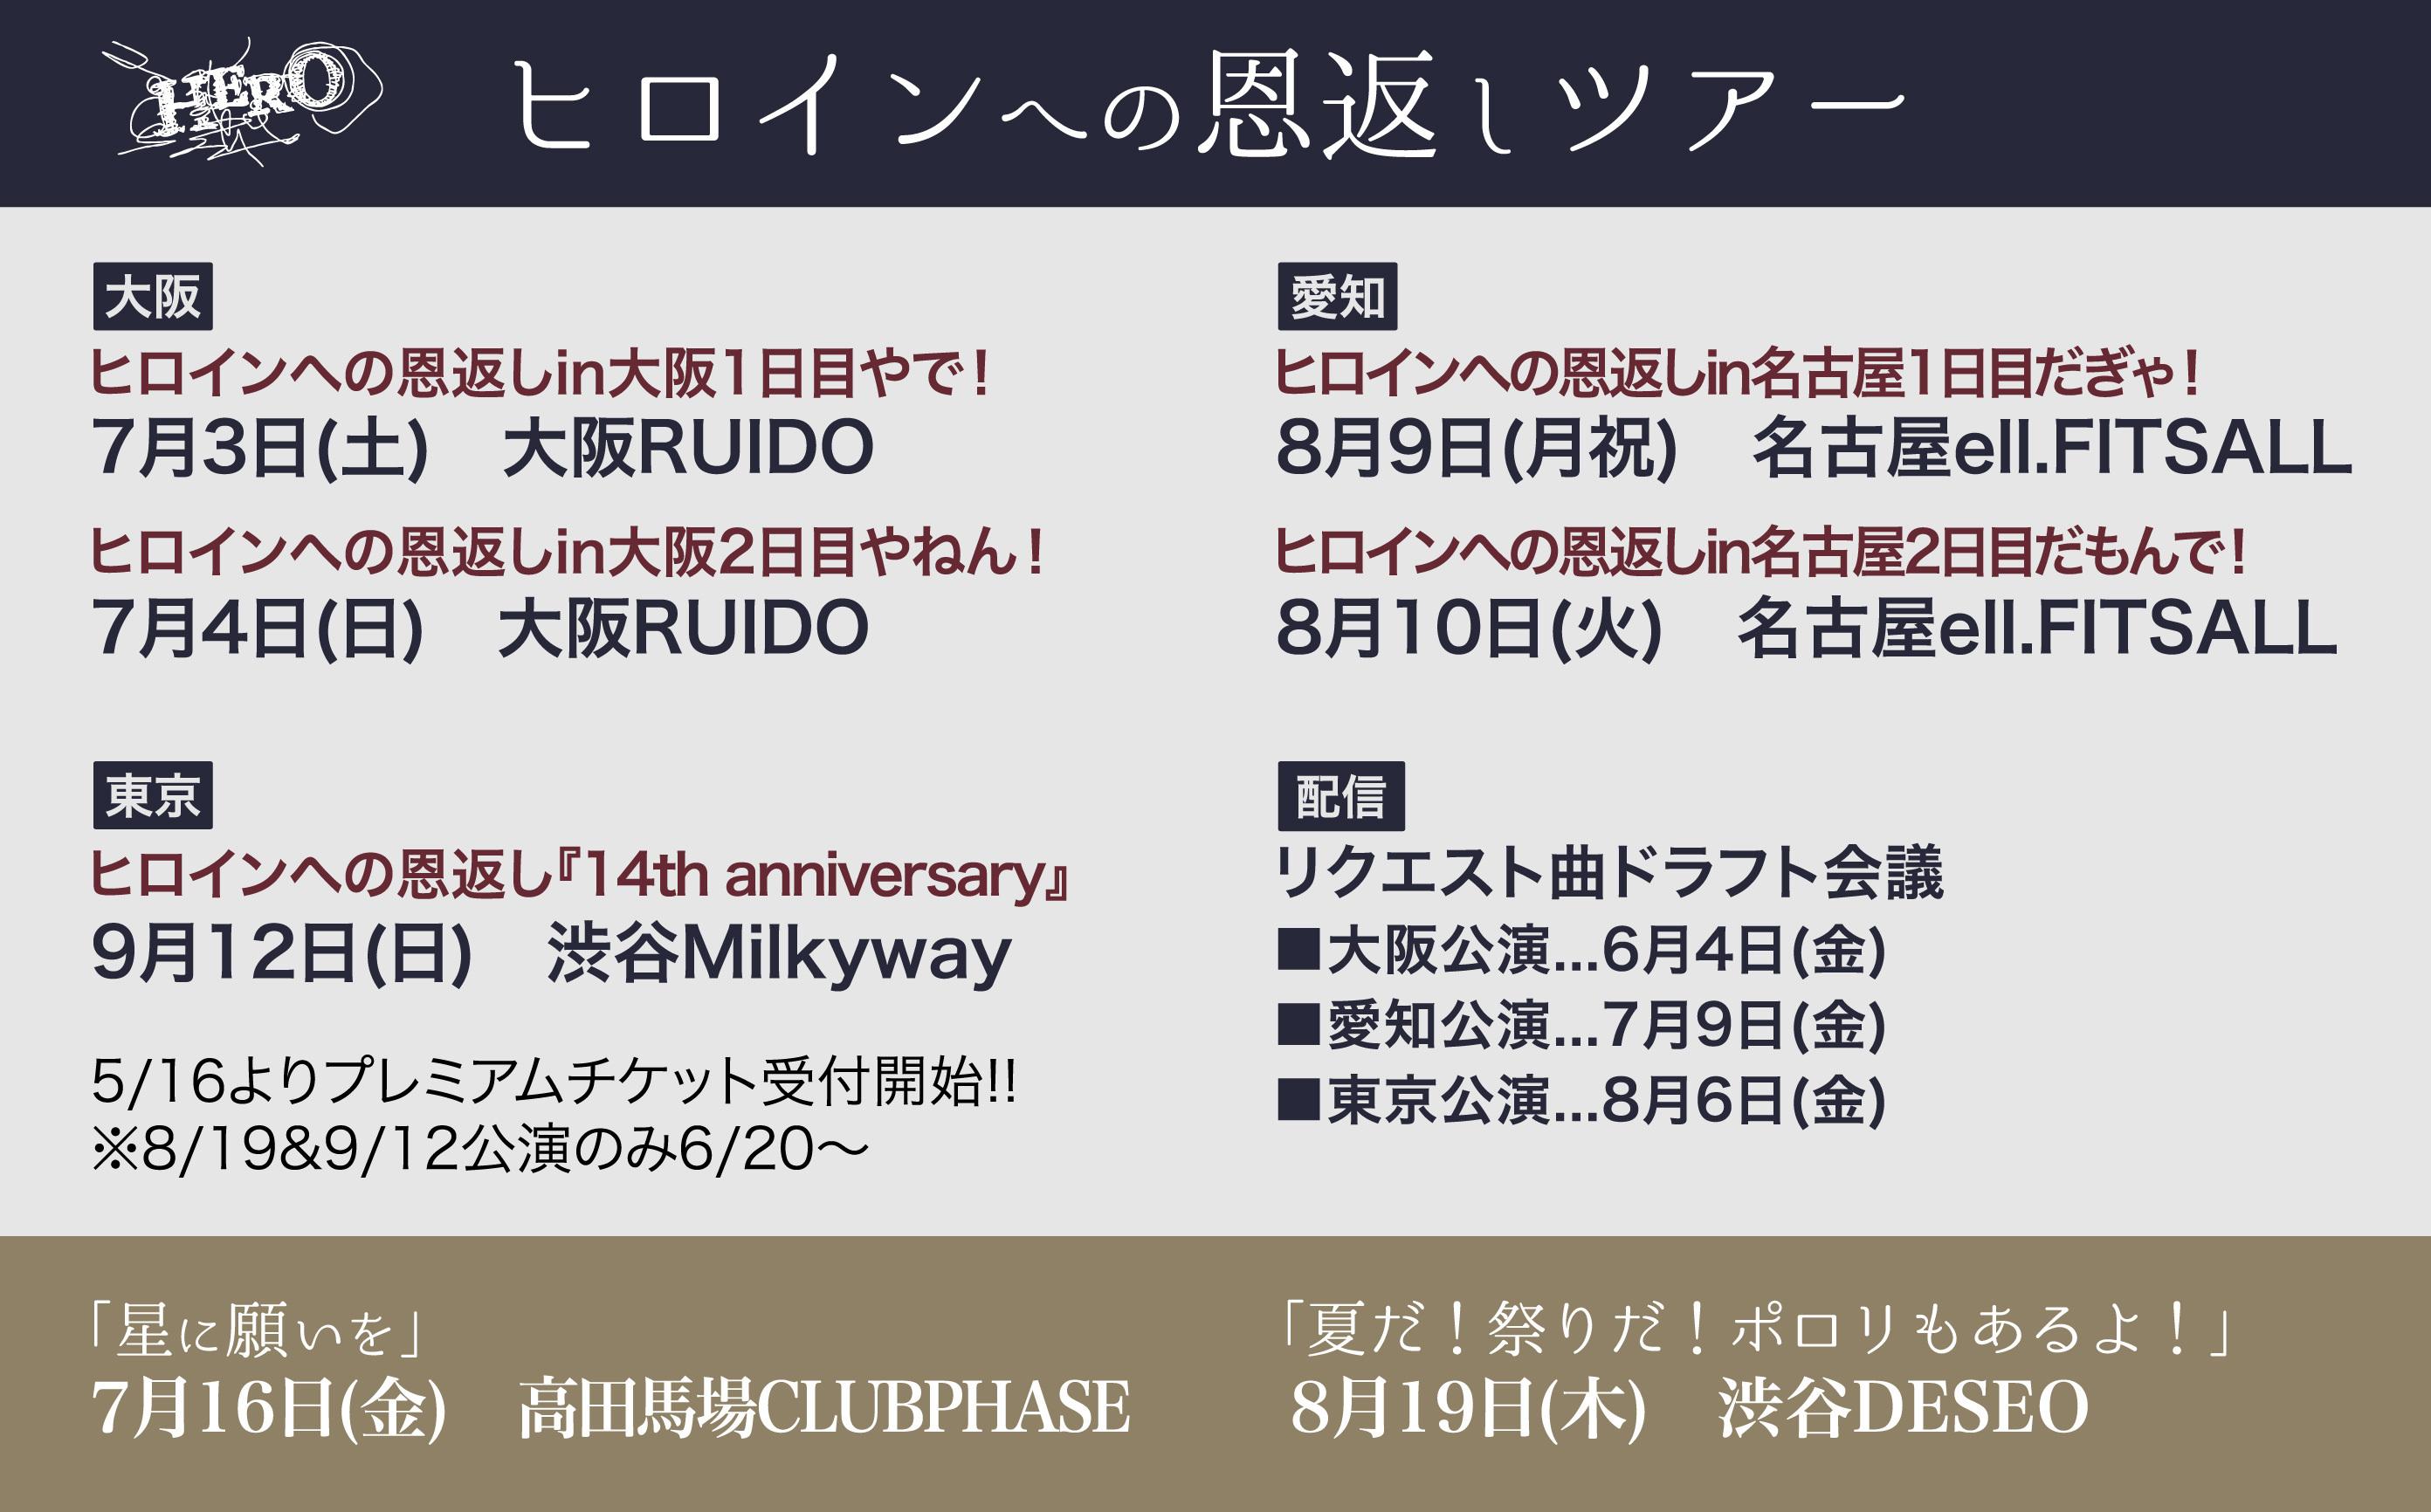 Skiyaki%e3%83%90%e3%83%8a%e3%83%bc